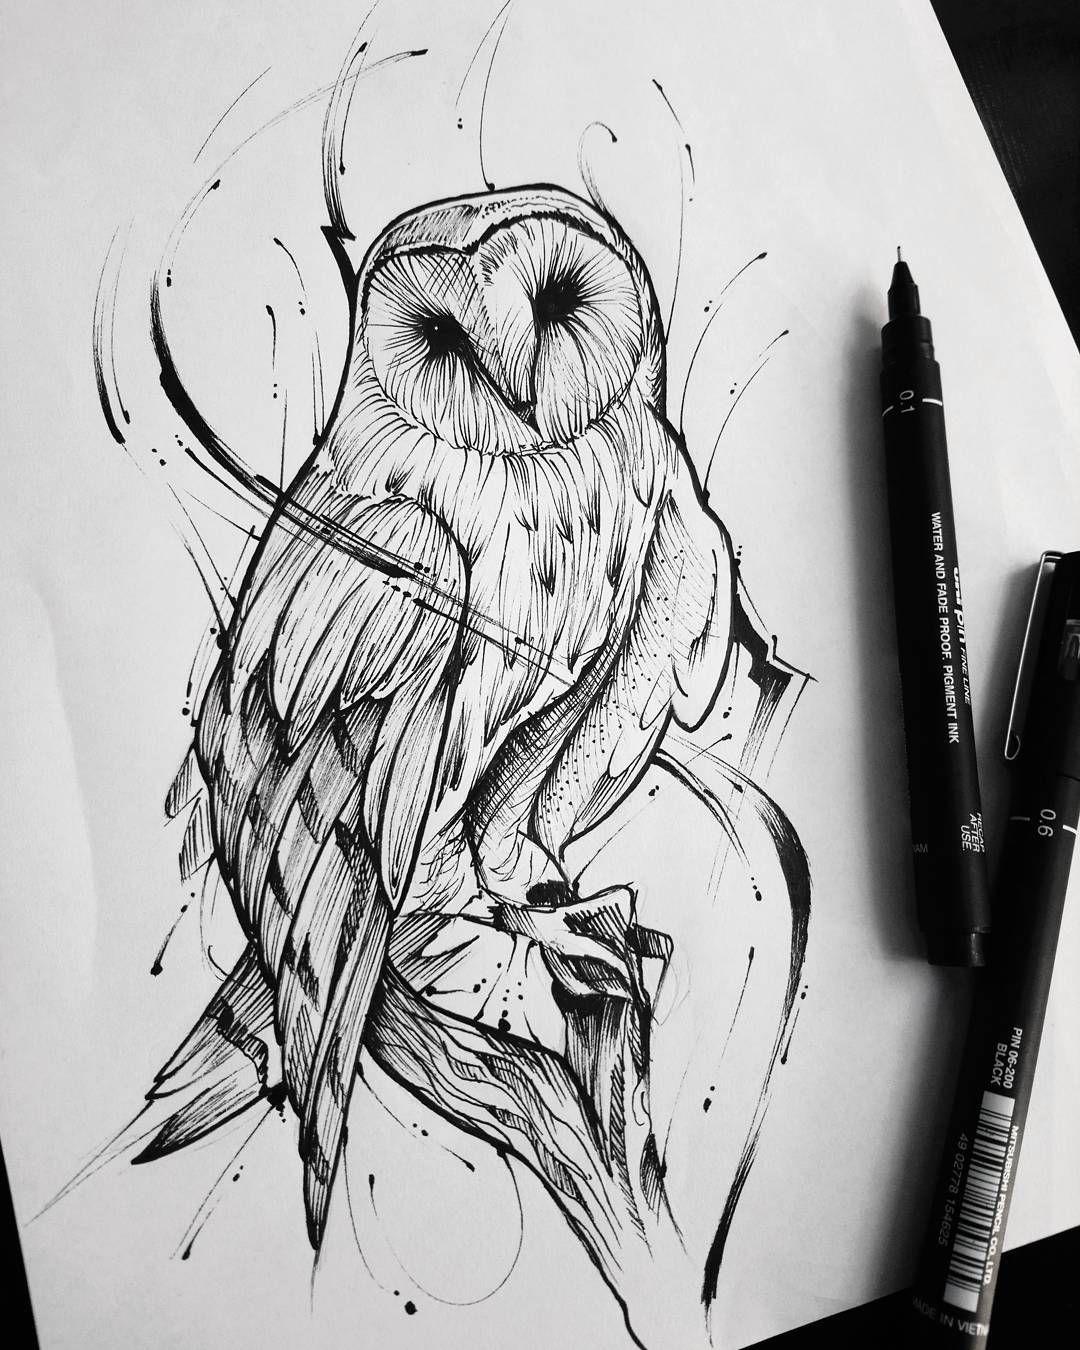 Os Desenhos E Os Artistas Mais Visualizados No Pinterest Ideias